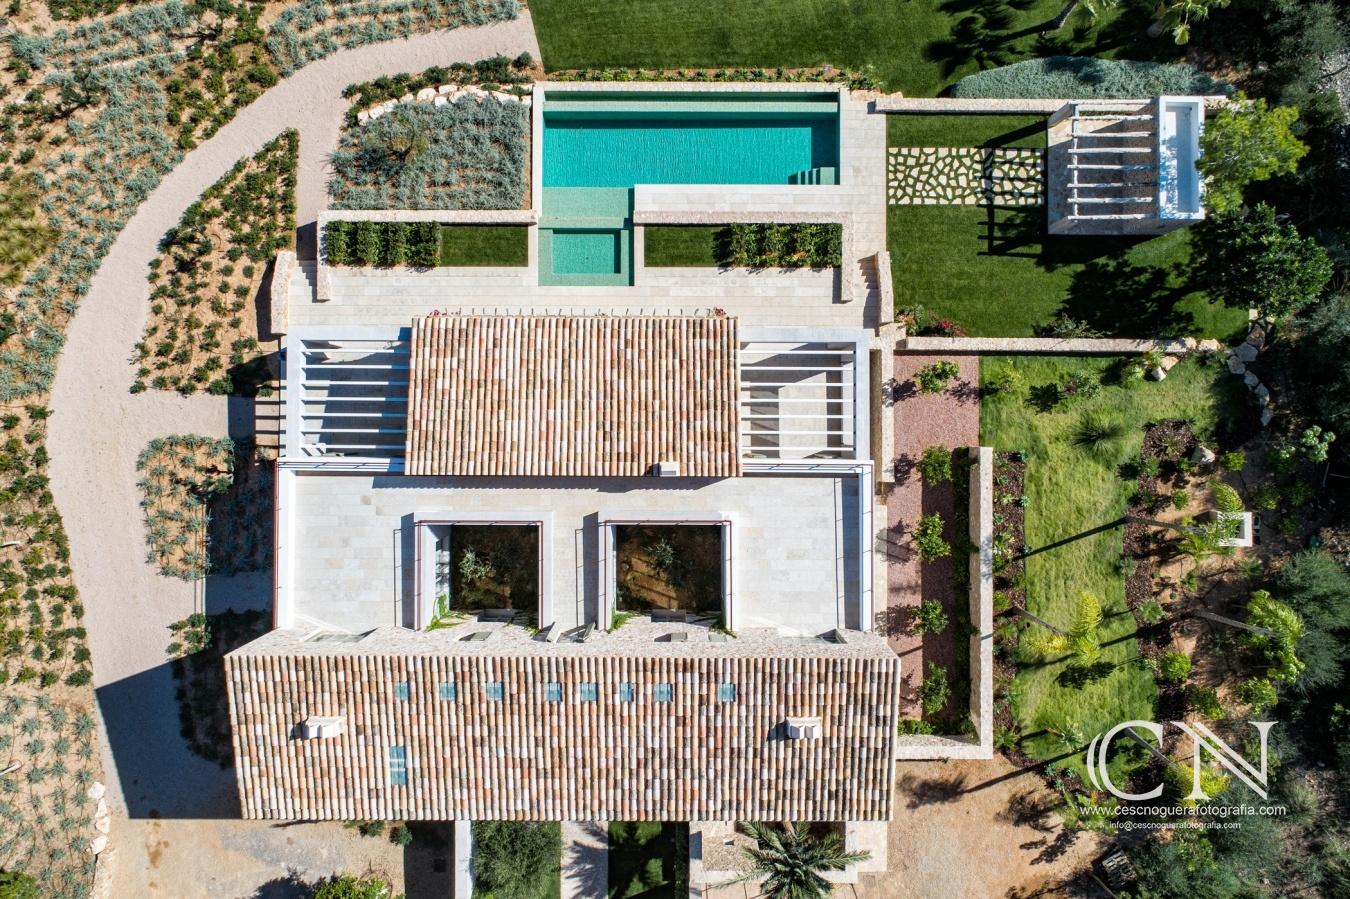 Fotografia aèria  - Cesc Noguera Fotografia, Quan la fotografia és una passió.,  Architectural & Interior design photographer / Landscape Photography.